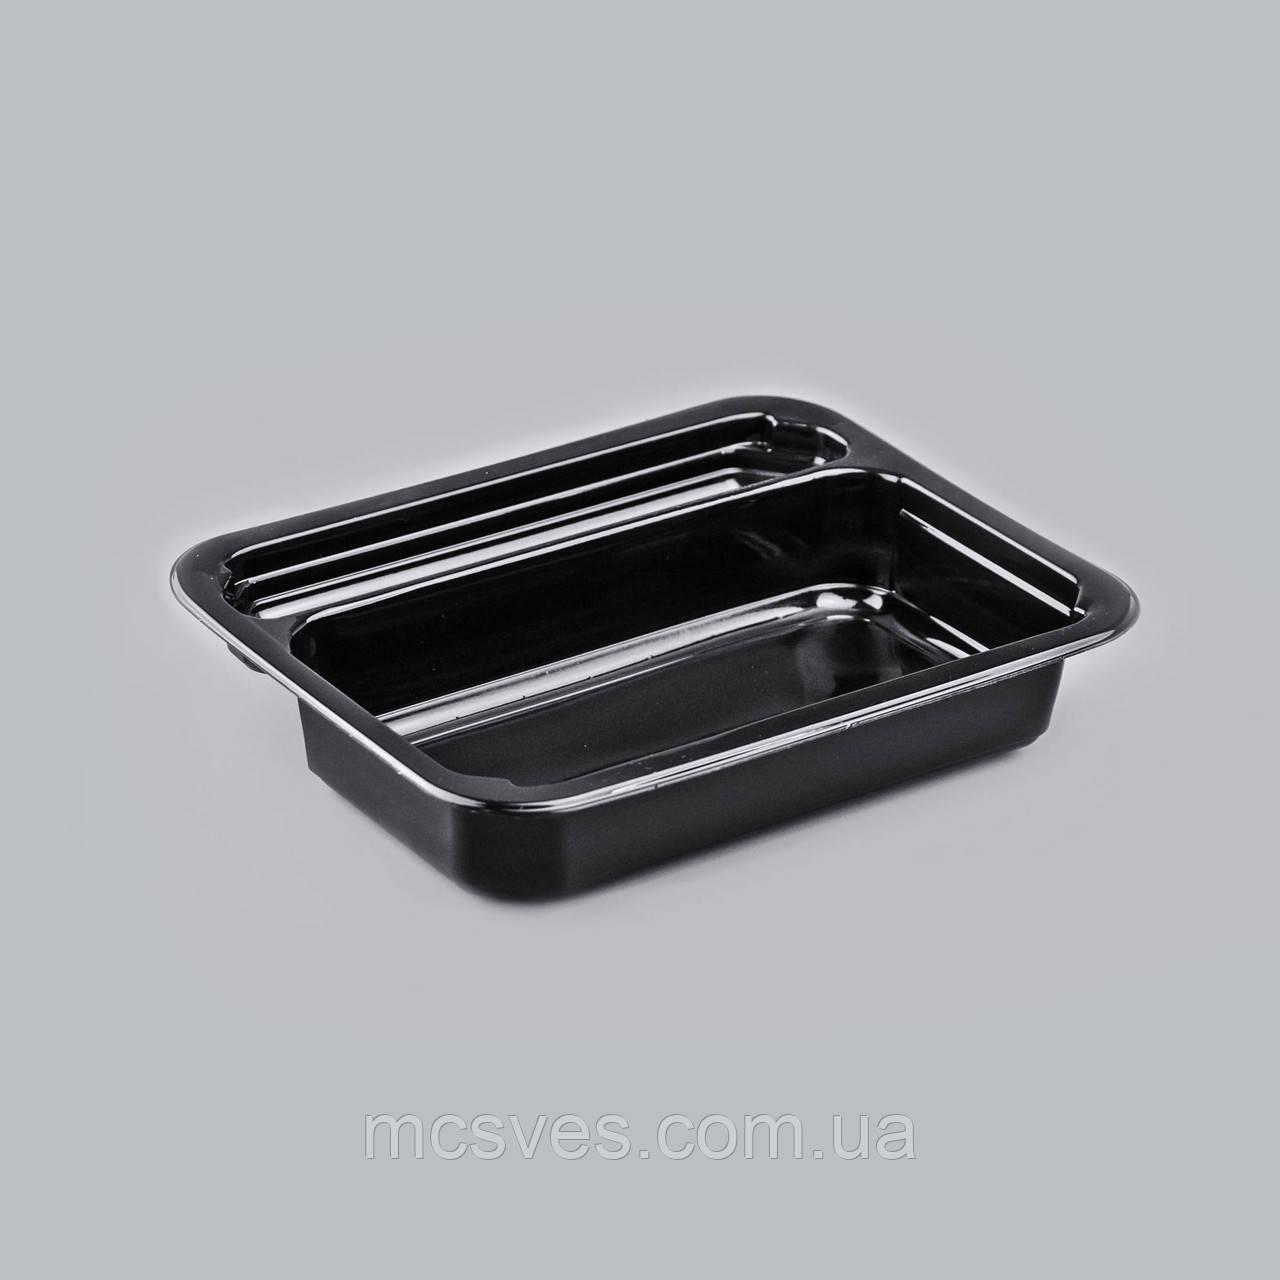 Контейнер УК-613, PР, чорный, 470 мл, 330 шт/уп